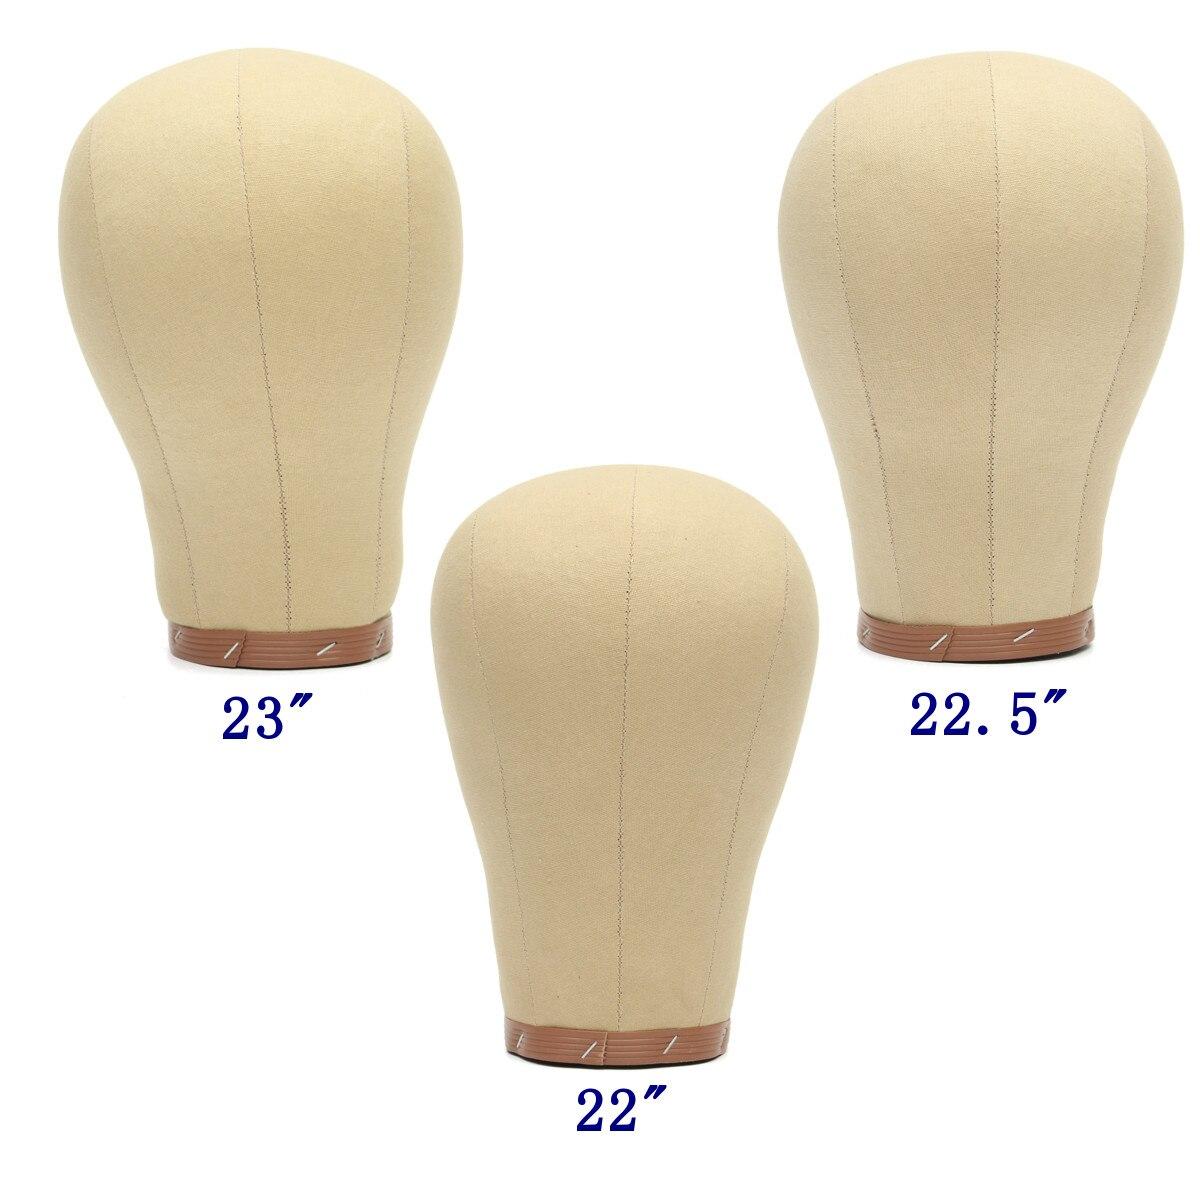 22/22. 5/23 pulgadas entrenamiento maniquí cabeza de bloque de lienzo exhibición estilo maniquí cabeza soporte para pelucas Vilaxh hermano J430 cabeza de impresión para Hermano, 5910, 6710, 6510, 6910 MFC-J430 J430W MFC-J725 MFC-J625DW MFC-J625DW 825DW cabezal de impresión